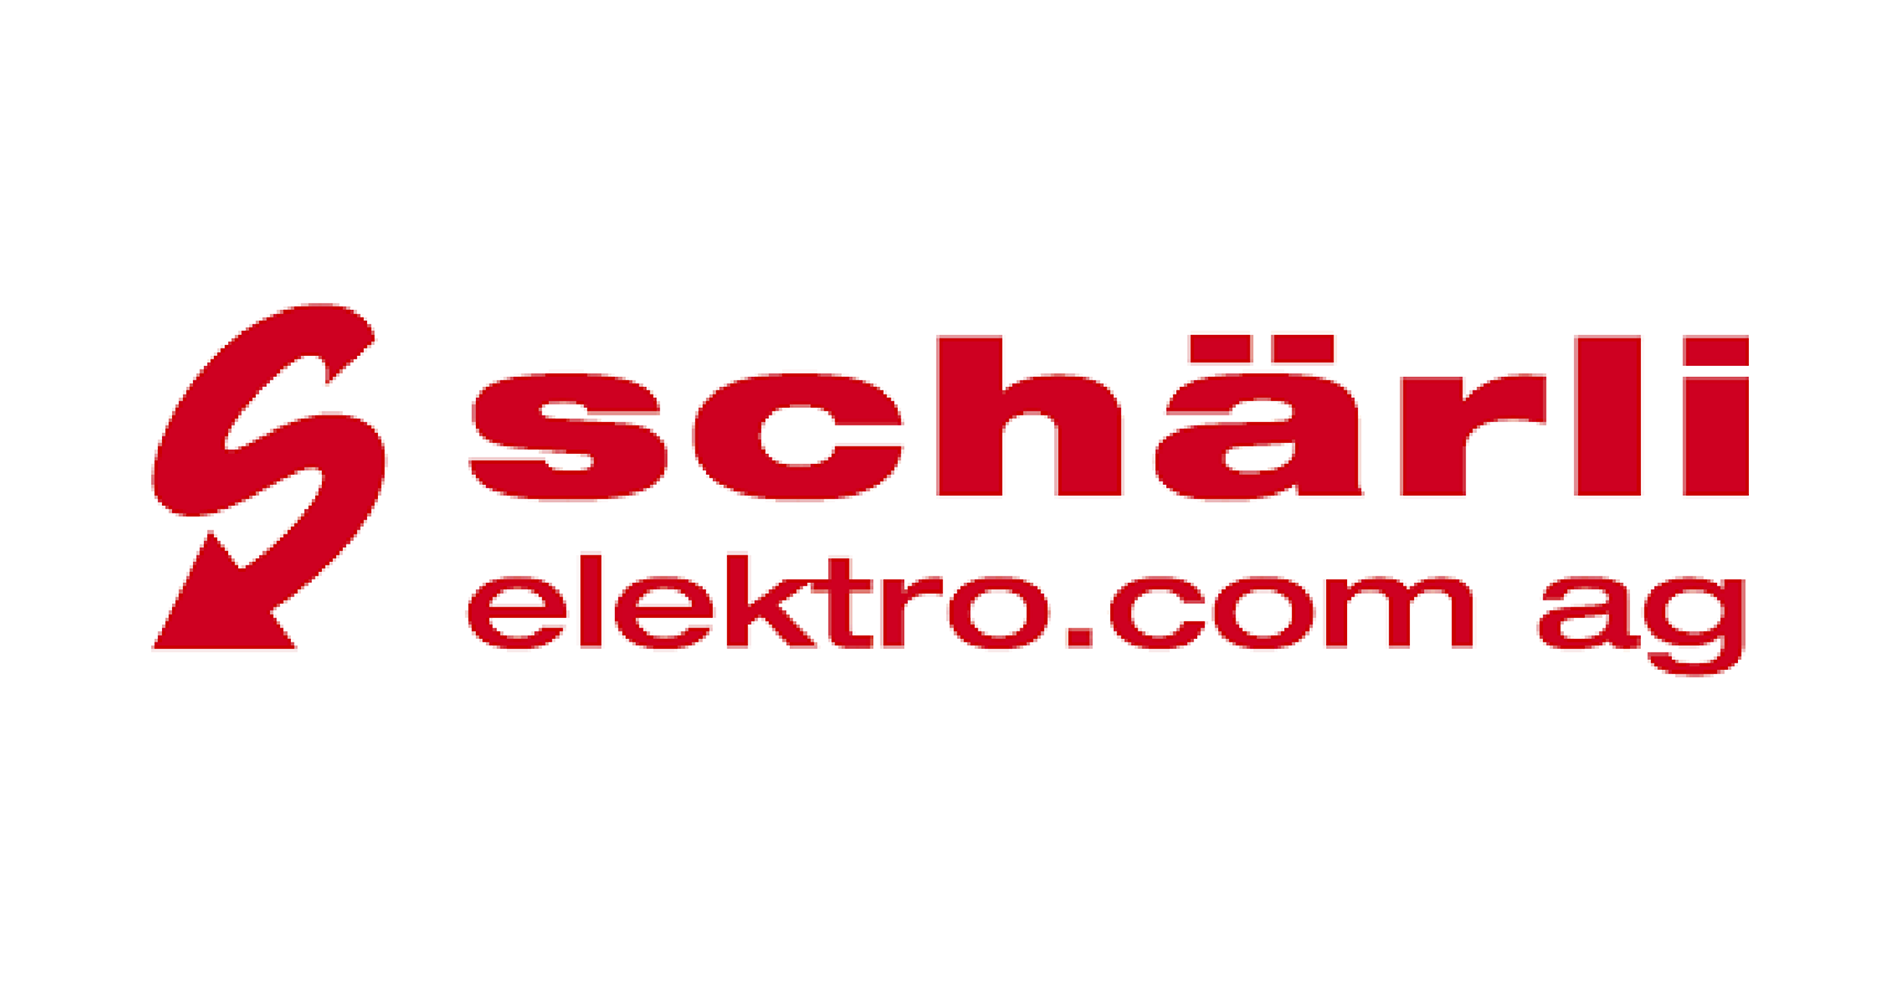 Scharli Elektro Ag Logo